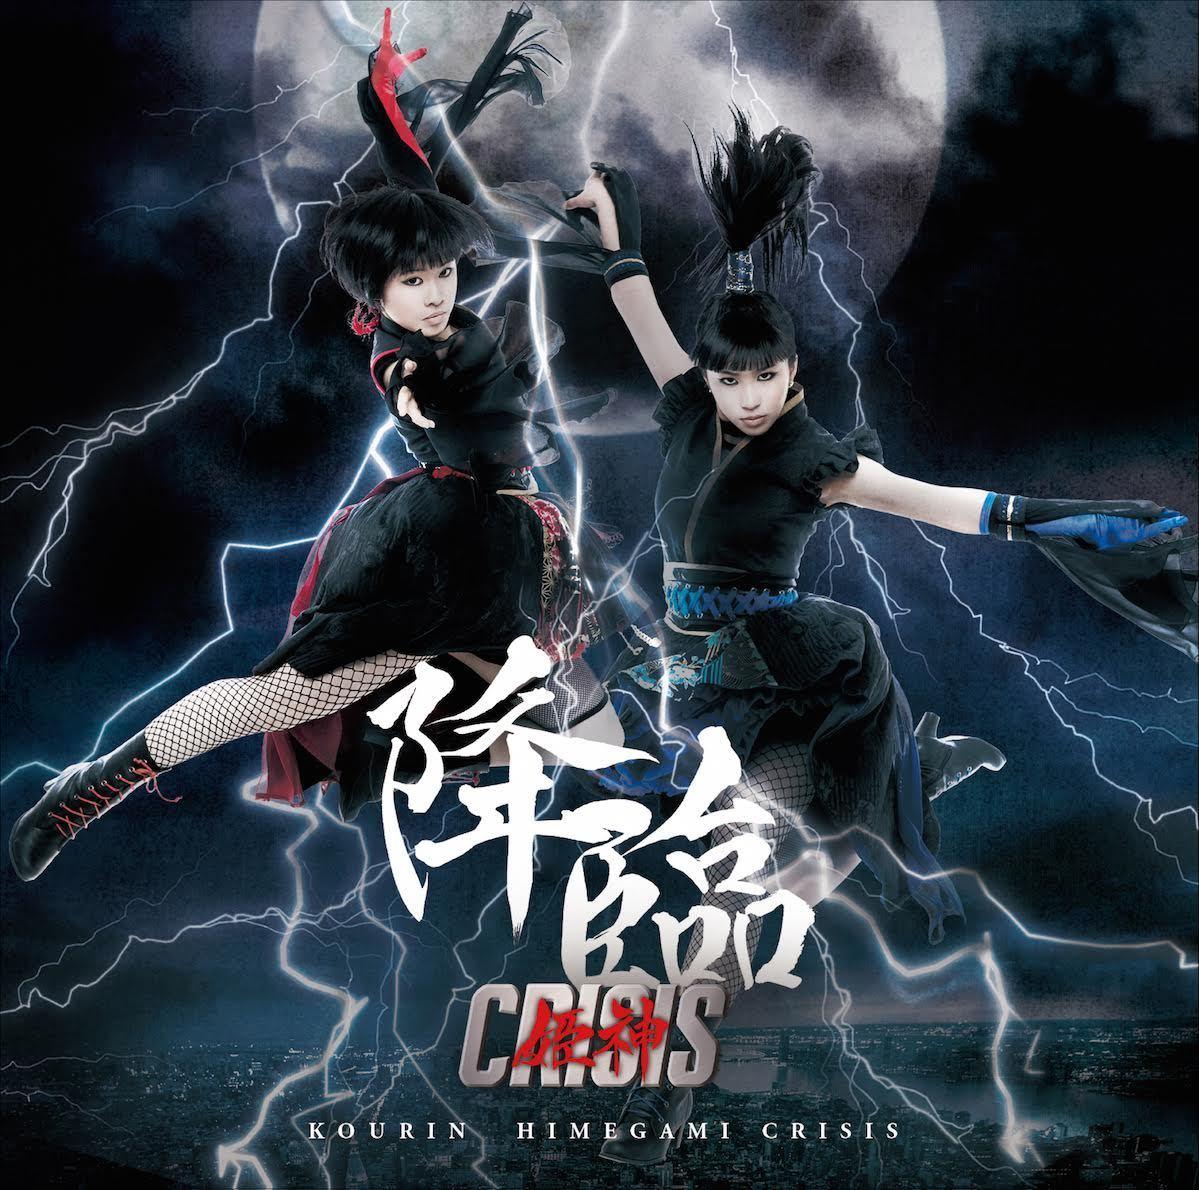 【サイン入り】「降臨」(CD+DVD)